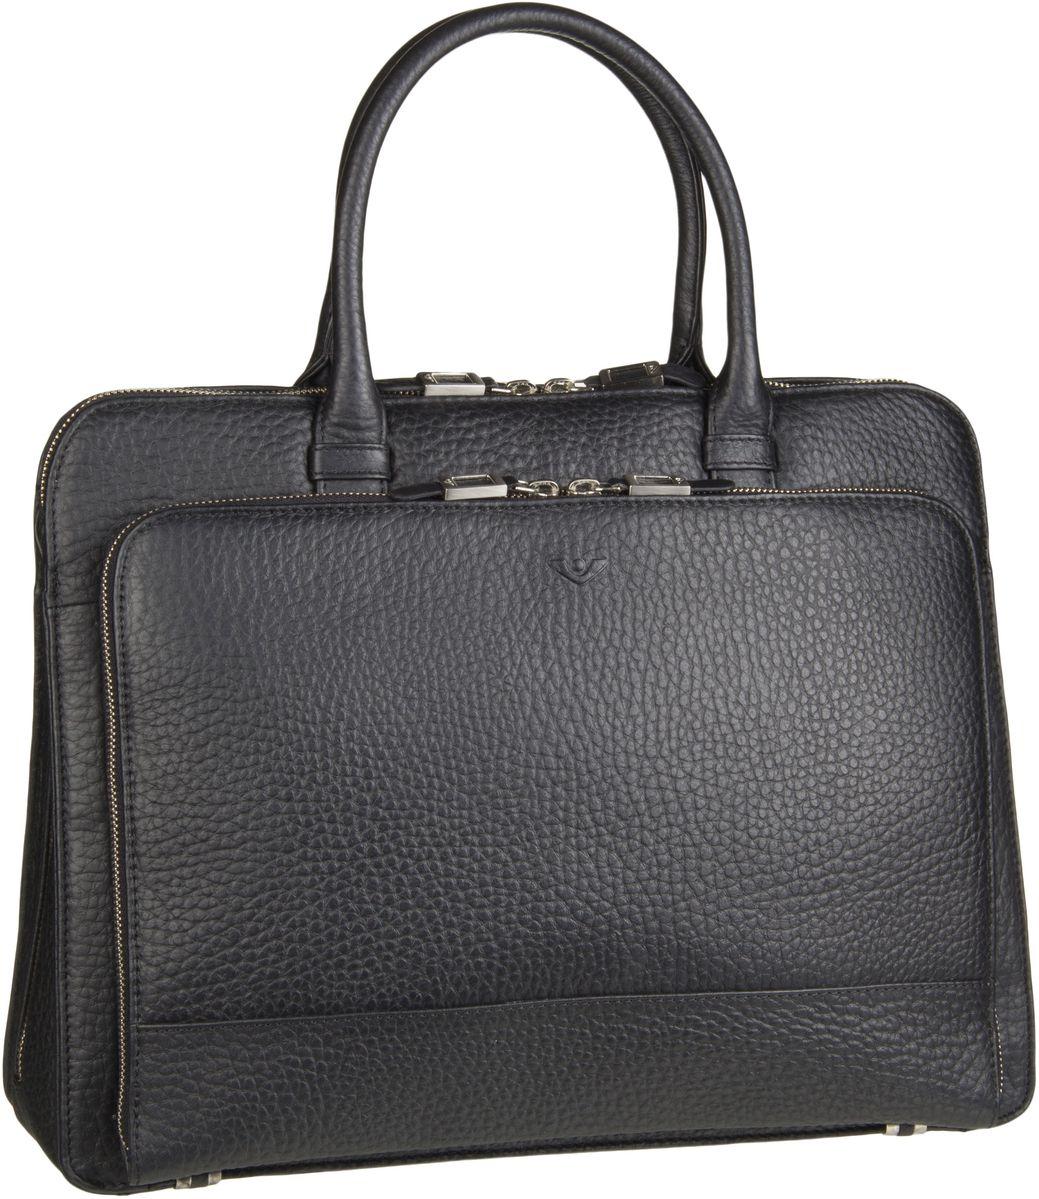 Businesstaschen für Frauen - Voi Aktentasche Hirsch 21877 Laptop Tasche Schwarz  - Onlineshop Taschenkaufhaus